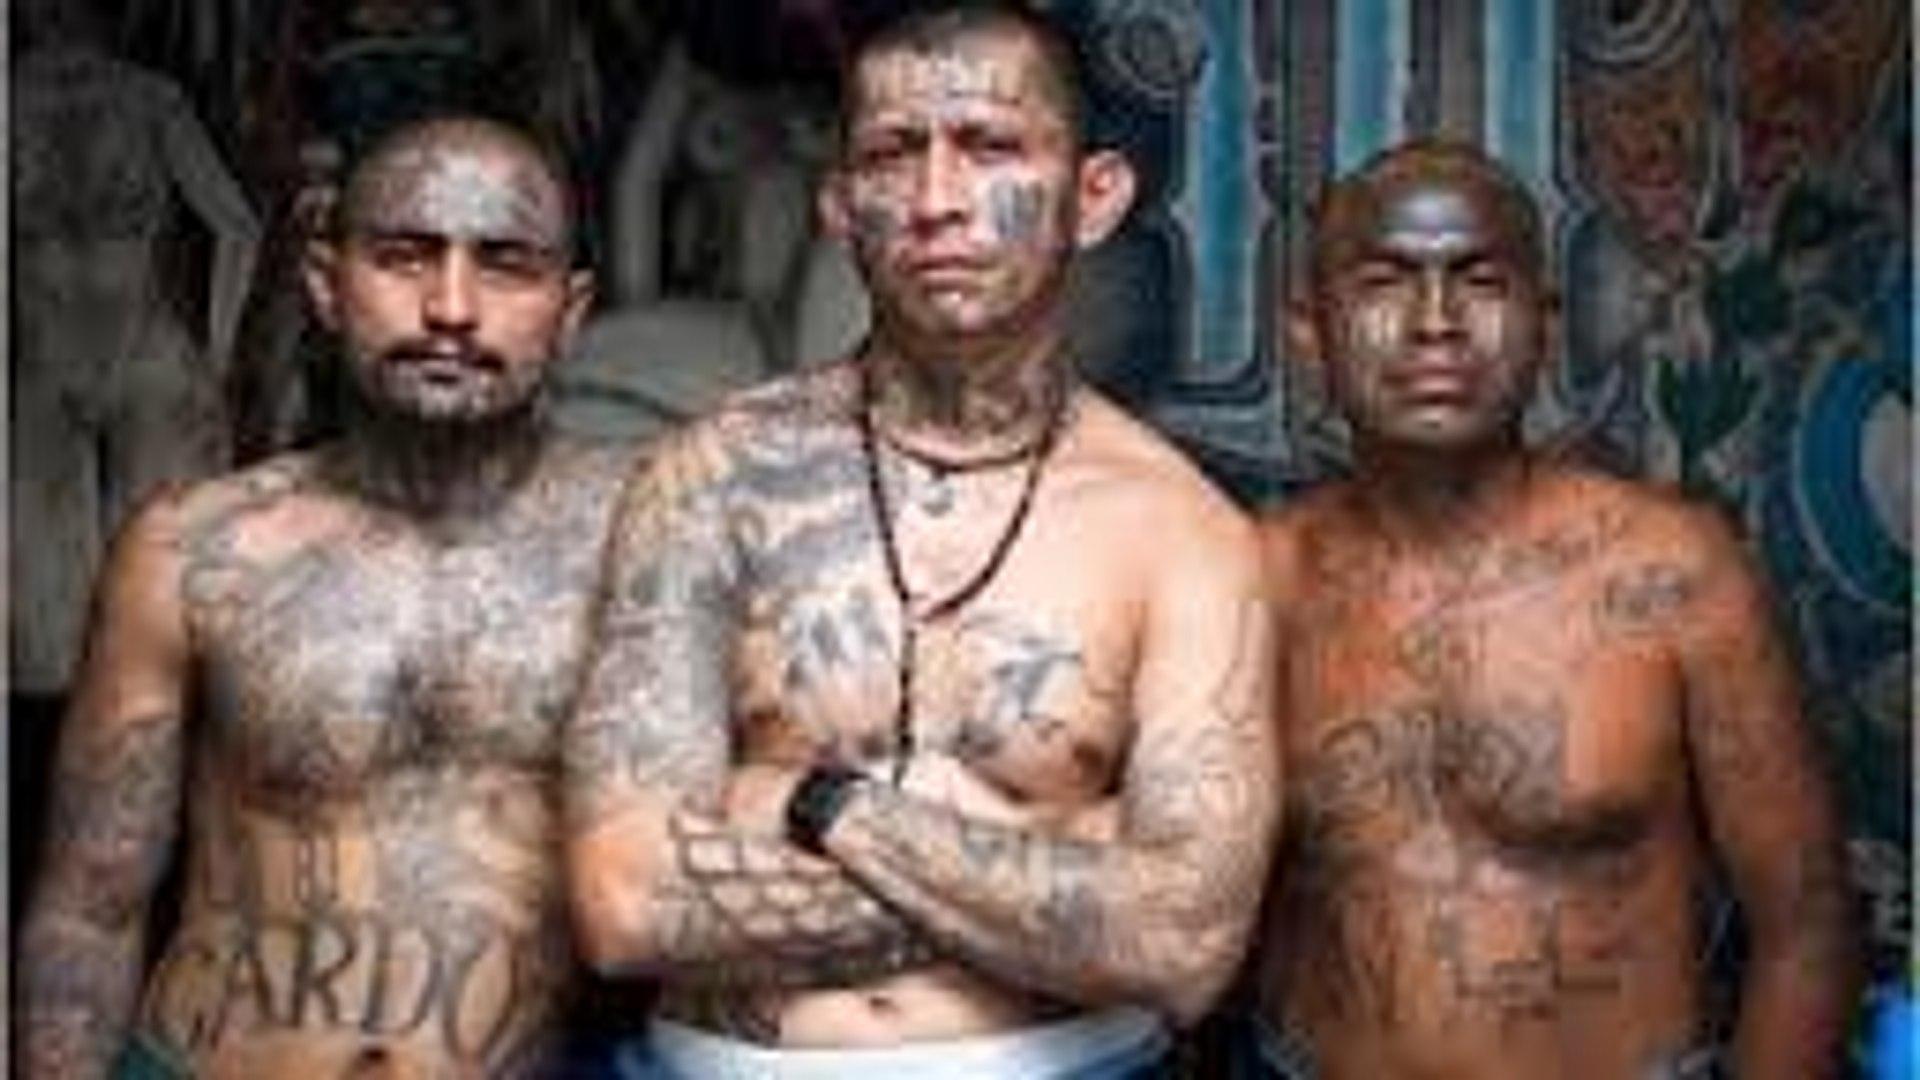 وثائقي جودة عالية | مواجهات خطيرة :عصابات فيلا دافيلا وثائقي خطير جدا